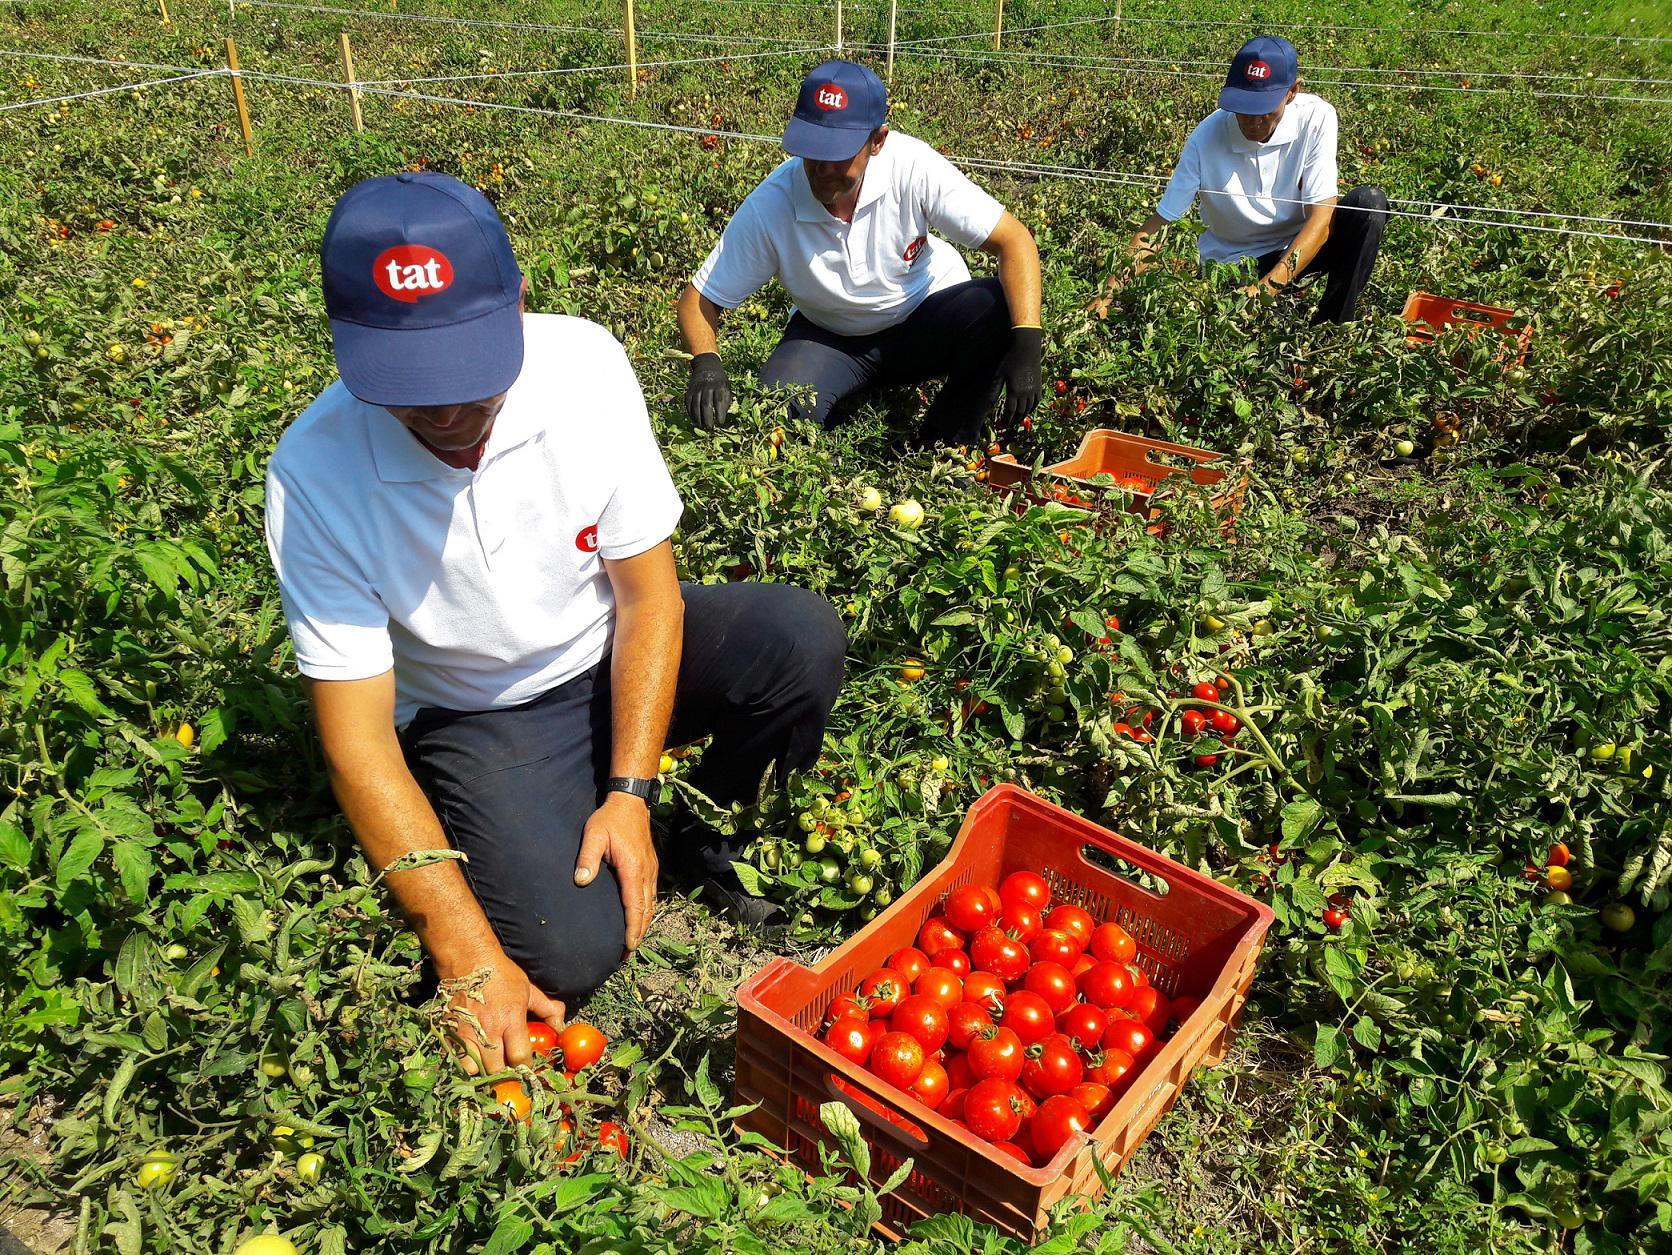 Tat, her yıl çiftçisine sunduğu desteği 23 milyon TL'ye yükseltti